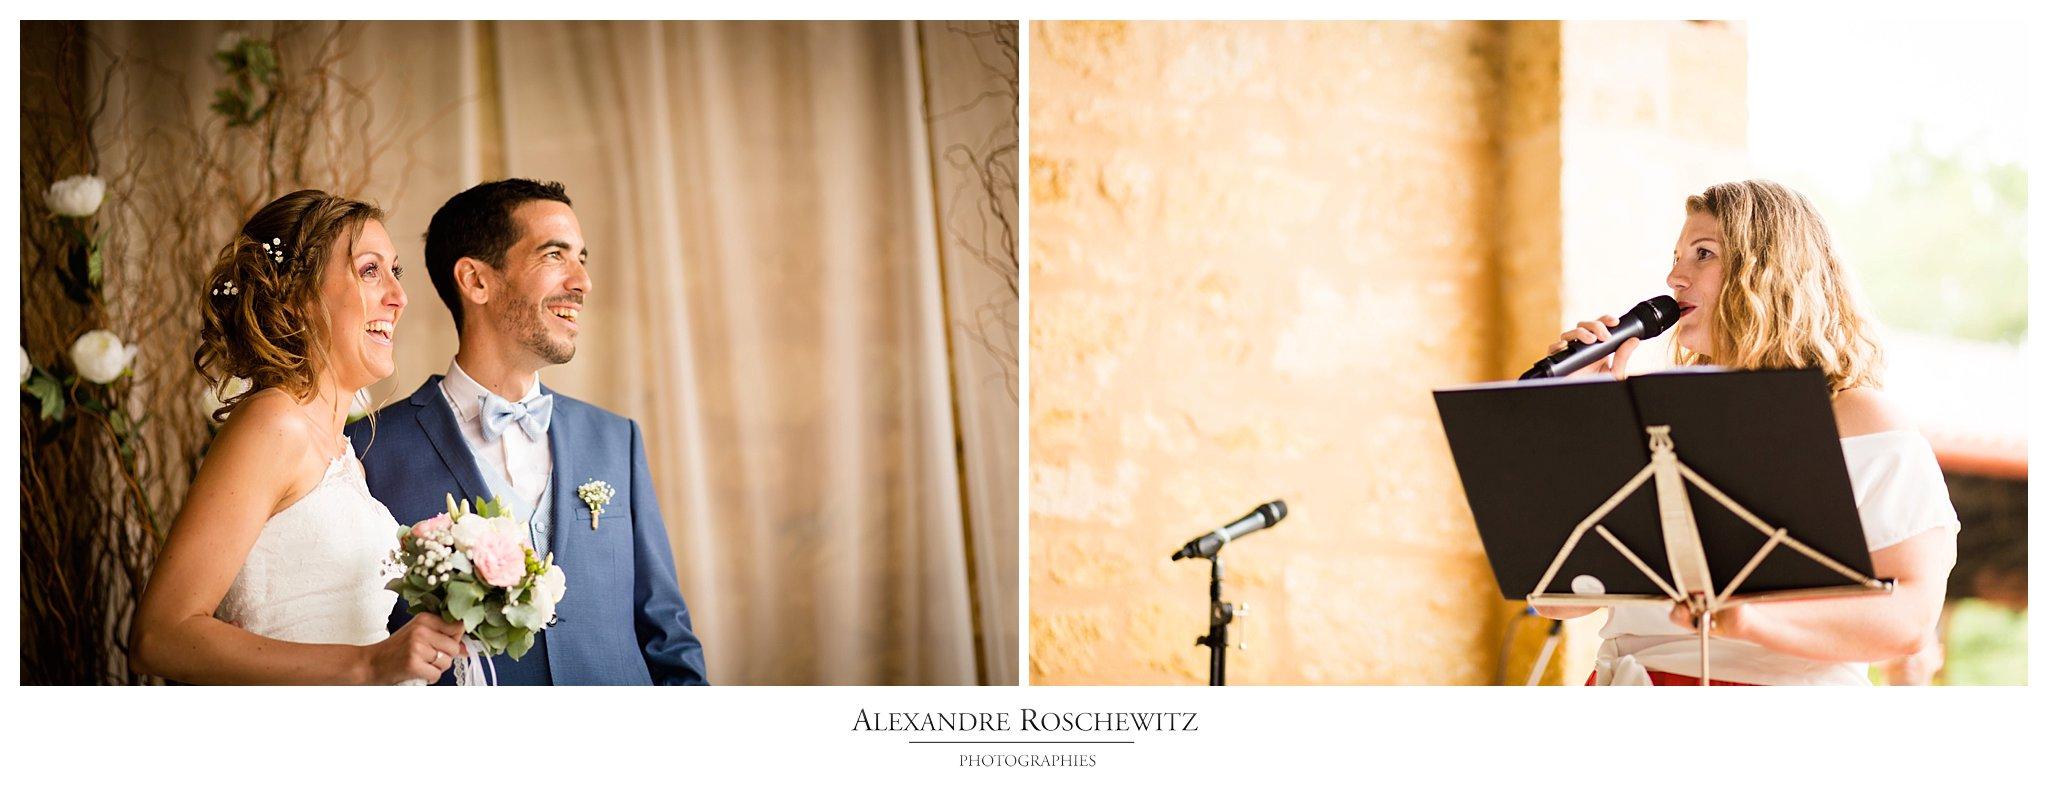 Le mariage de Anne-Sophie et Pierre à Blanquefort et au Château Giscours en Gironde. Alexandre Roschewitz Photographies.